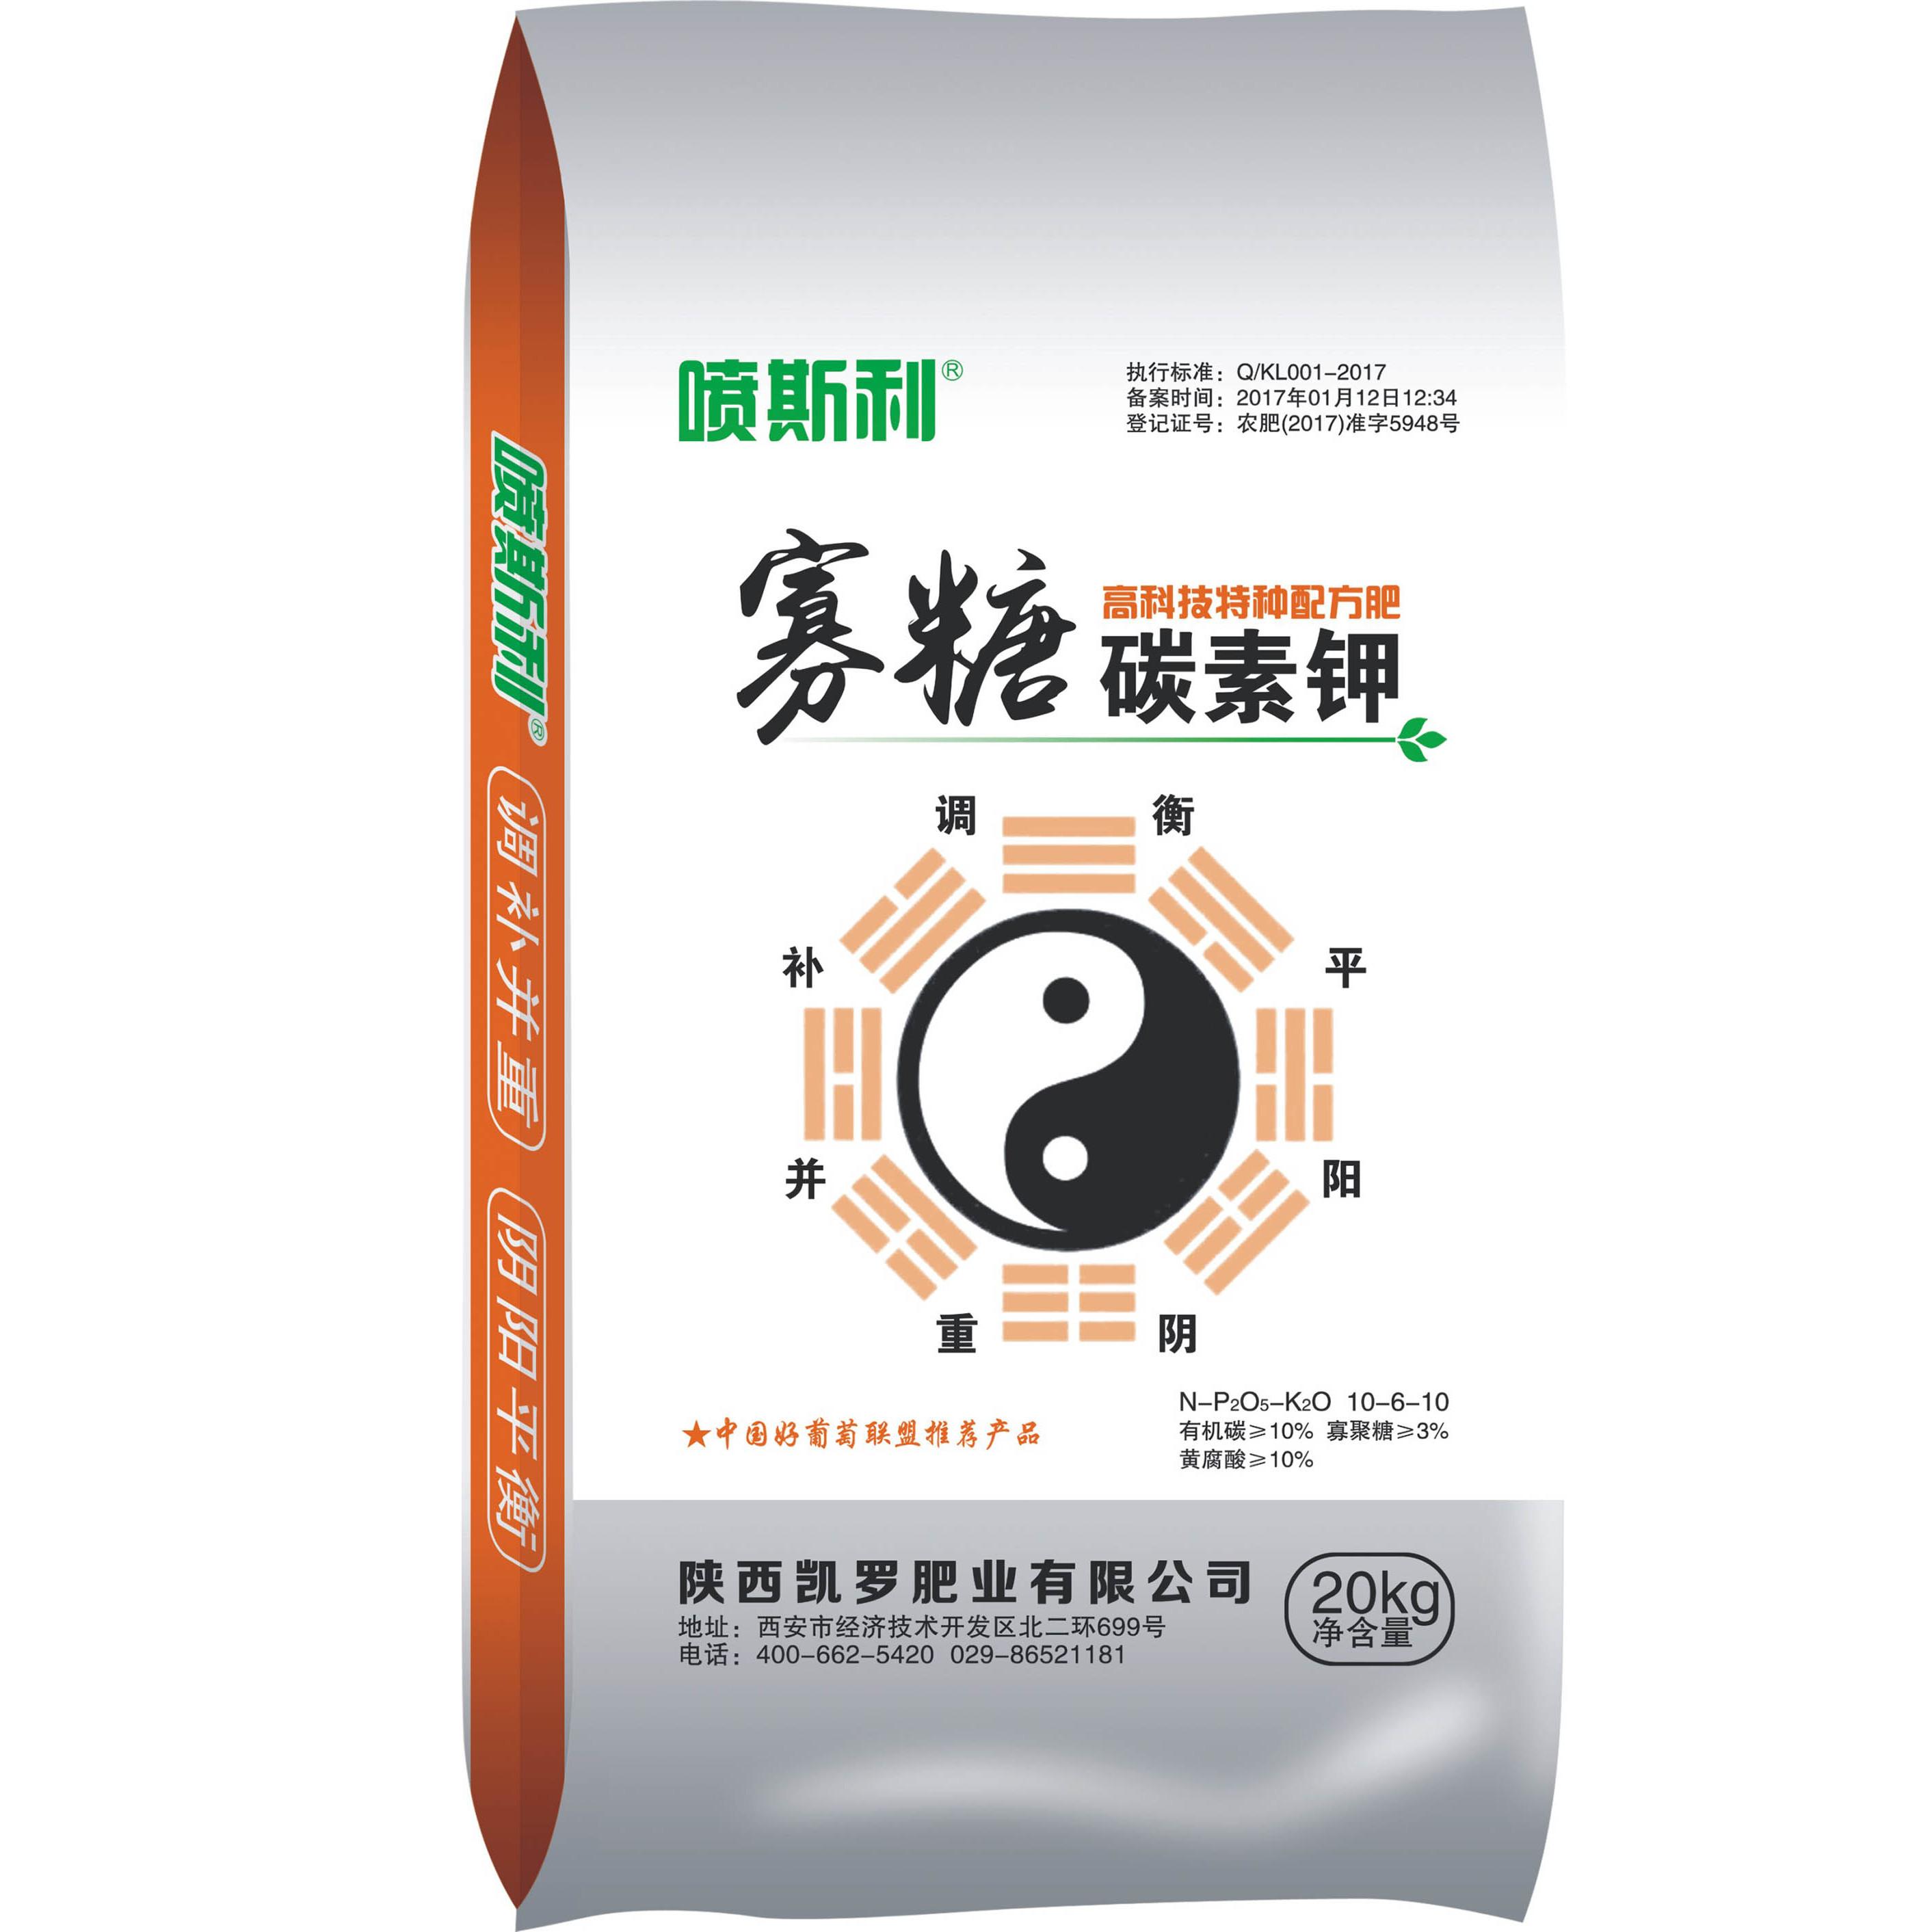 【寡糖碳素钾】 内含寡糖 有机碳 有机质 氮 磷 钾及中微量元素 20kg 袋   190元 袋